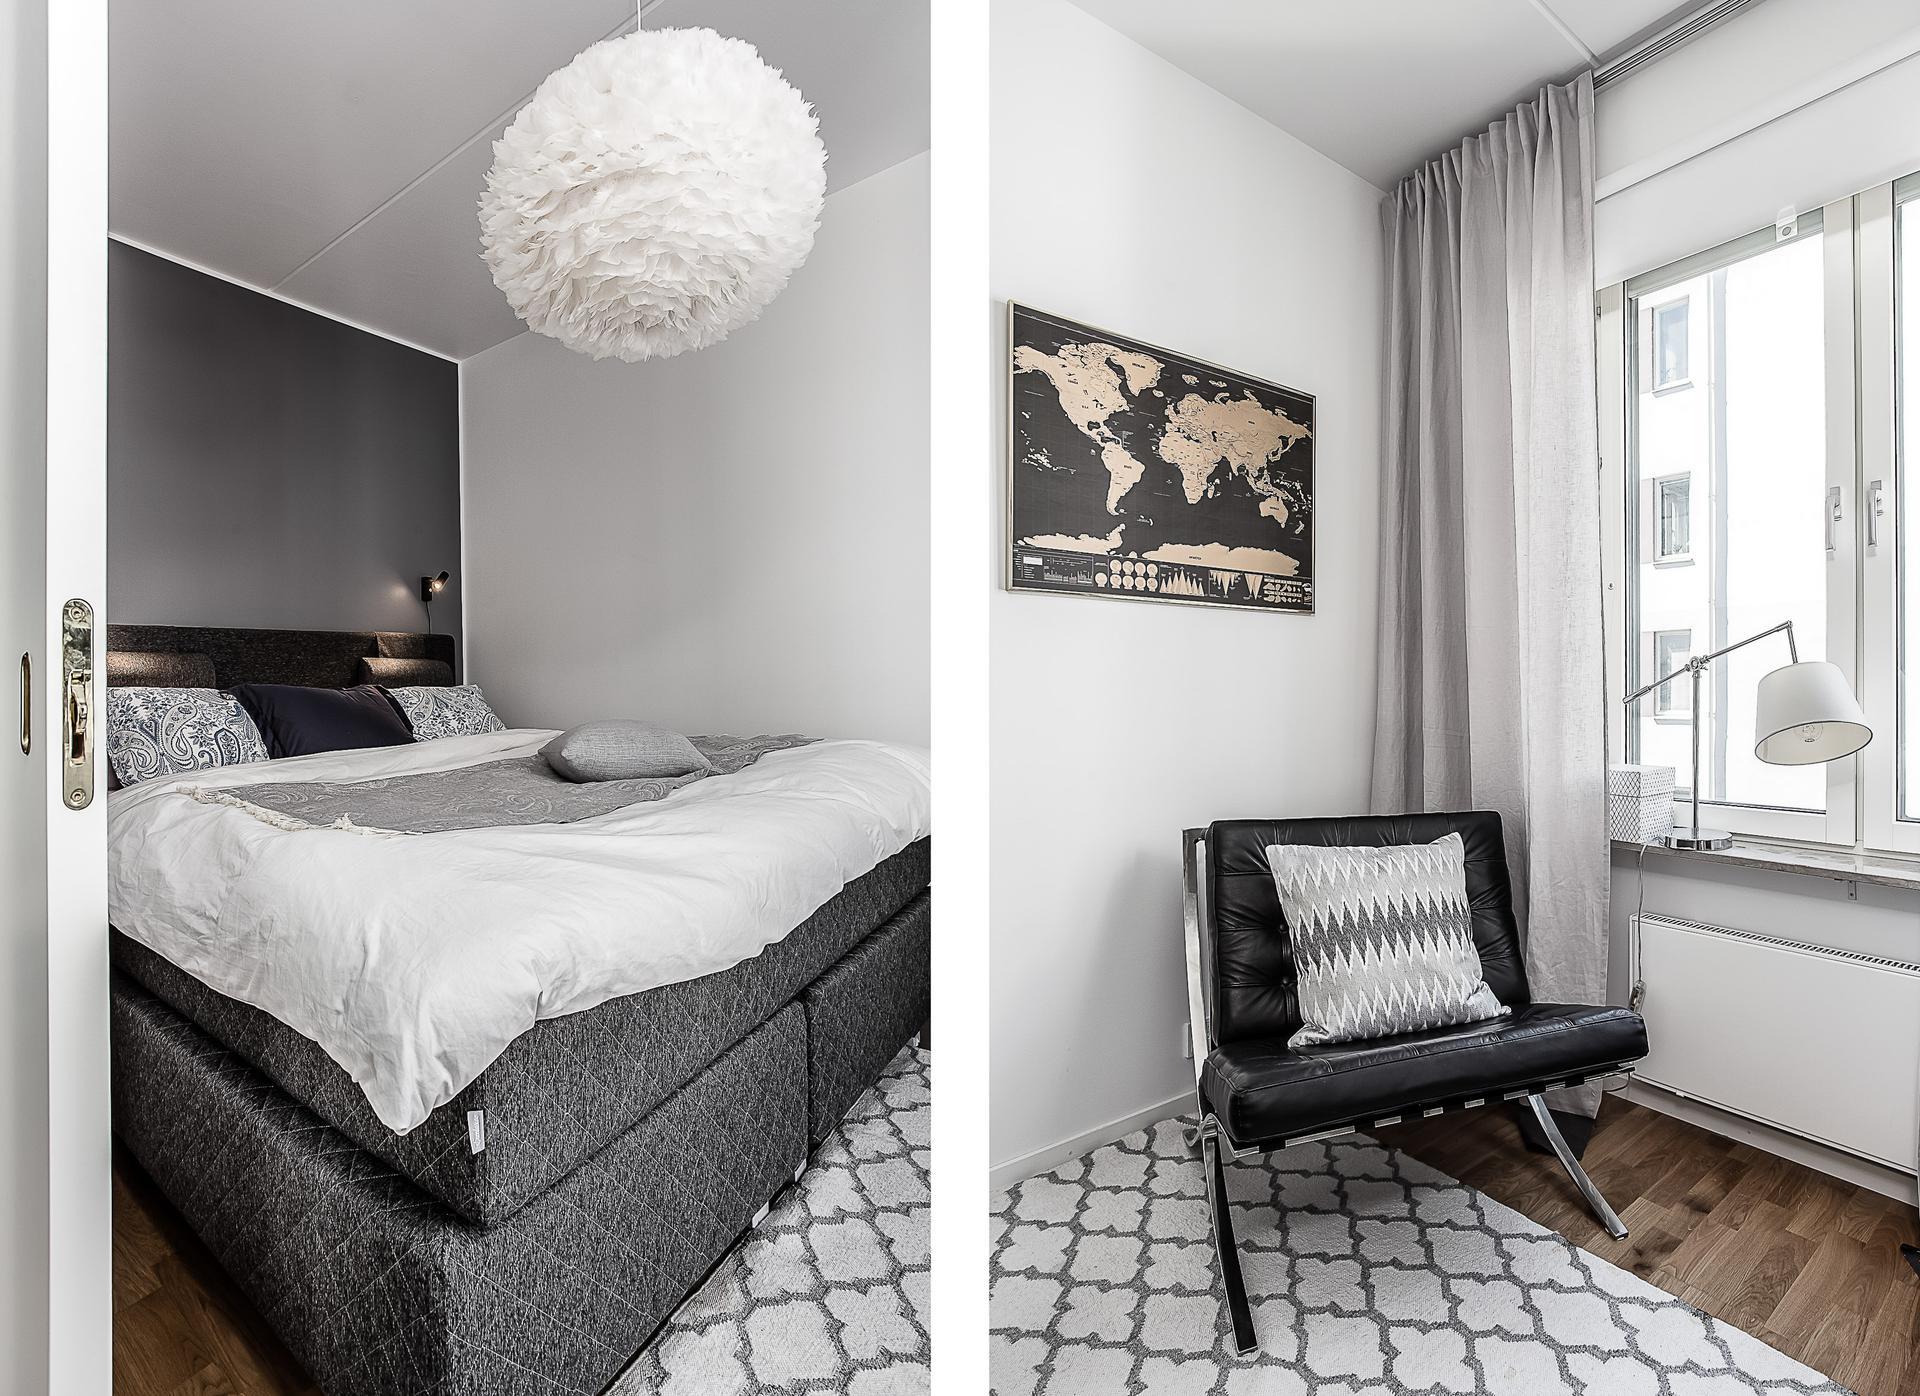 спальня кровать изголовье кресло карта